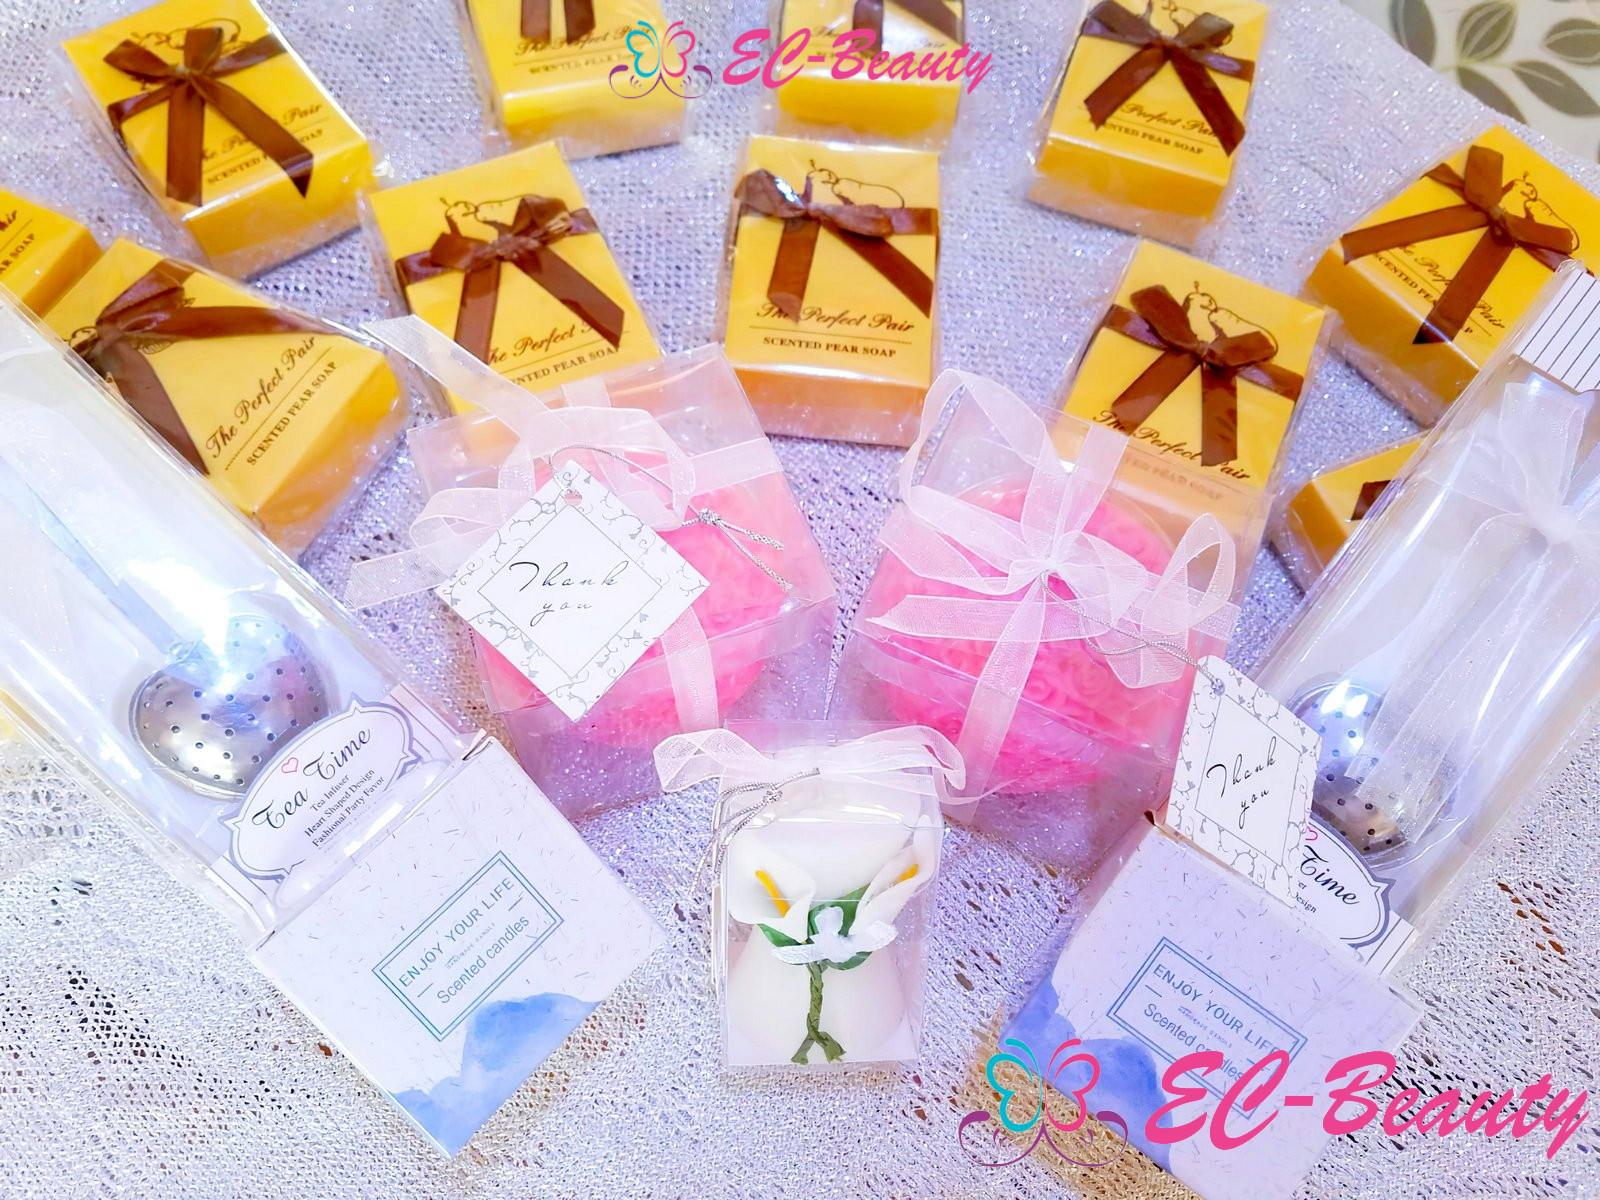 EC-Beauty 婚宴回禮禮物